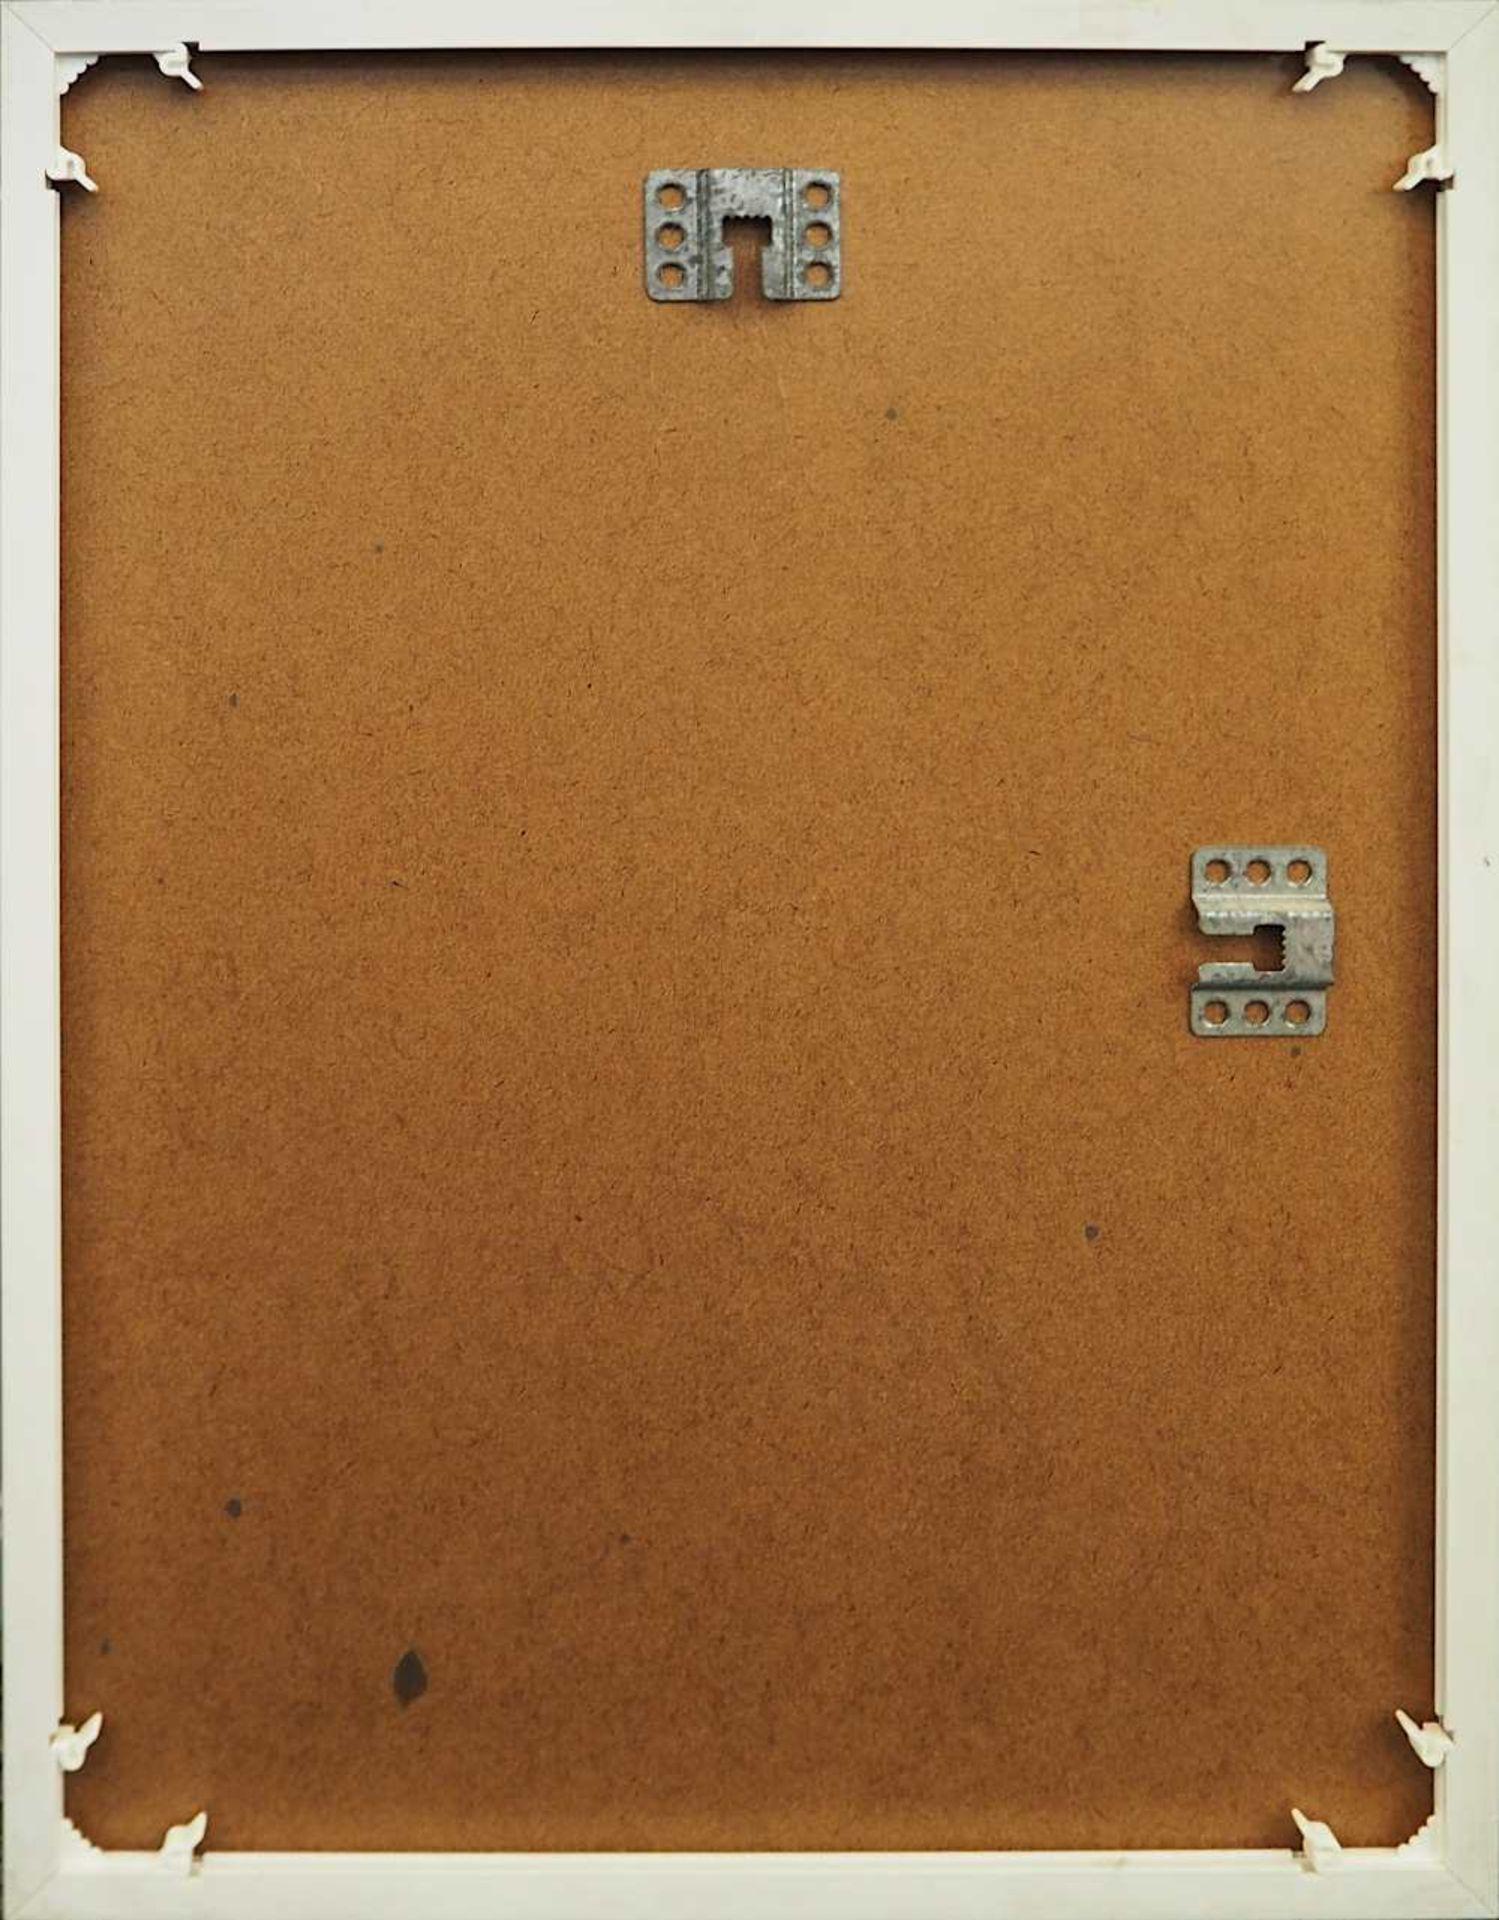 """1 Farbradierung R.u. bleistiftsign. M. M. PRECHTL (wohl Michael Mathias P. 1926-2003), """"Voltaire - Bild 5 aus 5"""